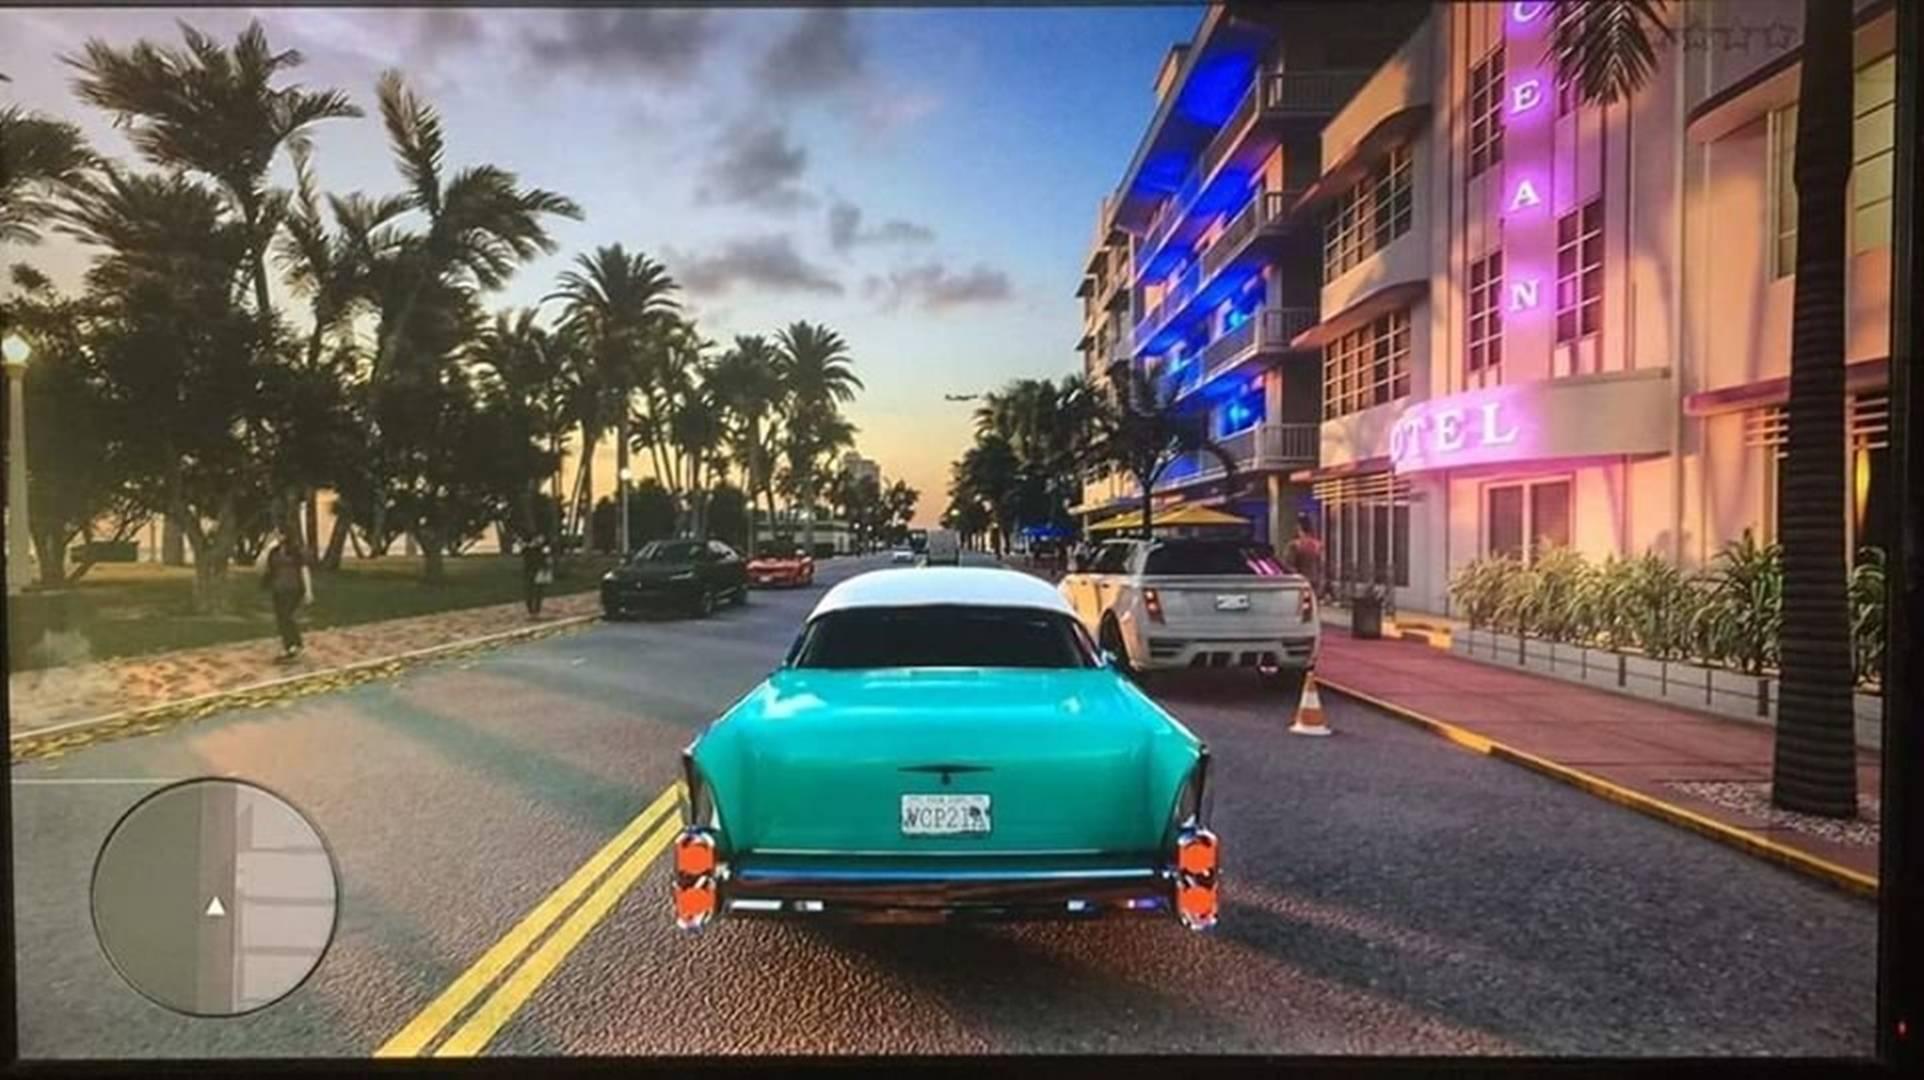 Uma suposta screenshot de Grand Theft Auto VI (GTA 6) está a circular na internet, a imagem foi tirada de um monitor e mostra o jogo em Vice City.